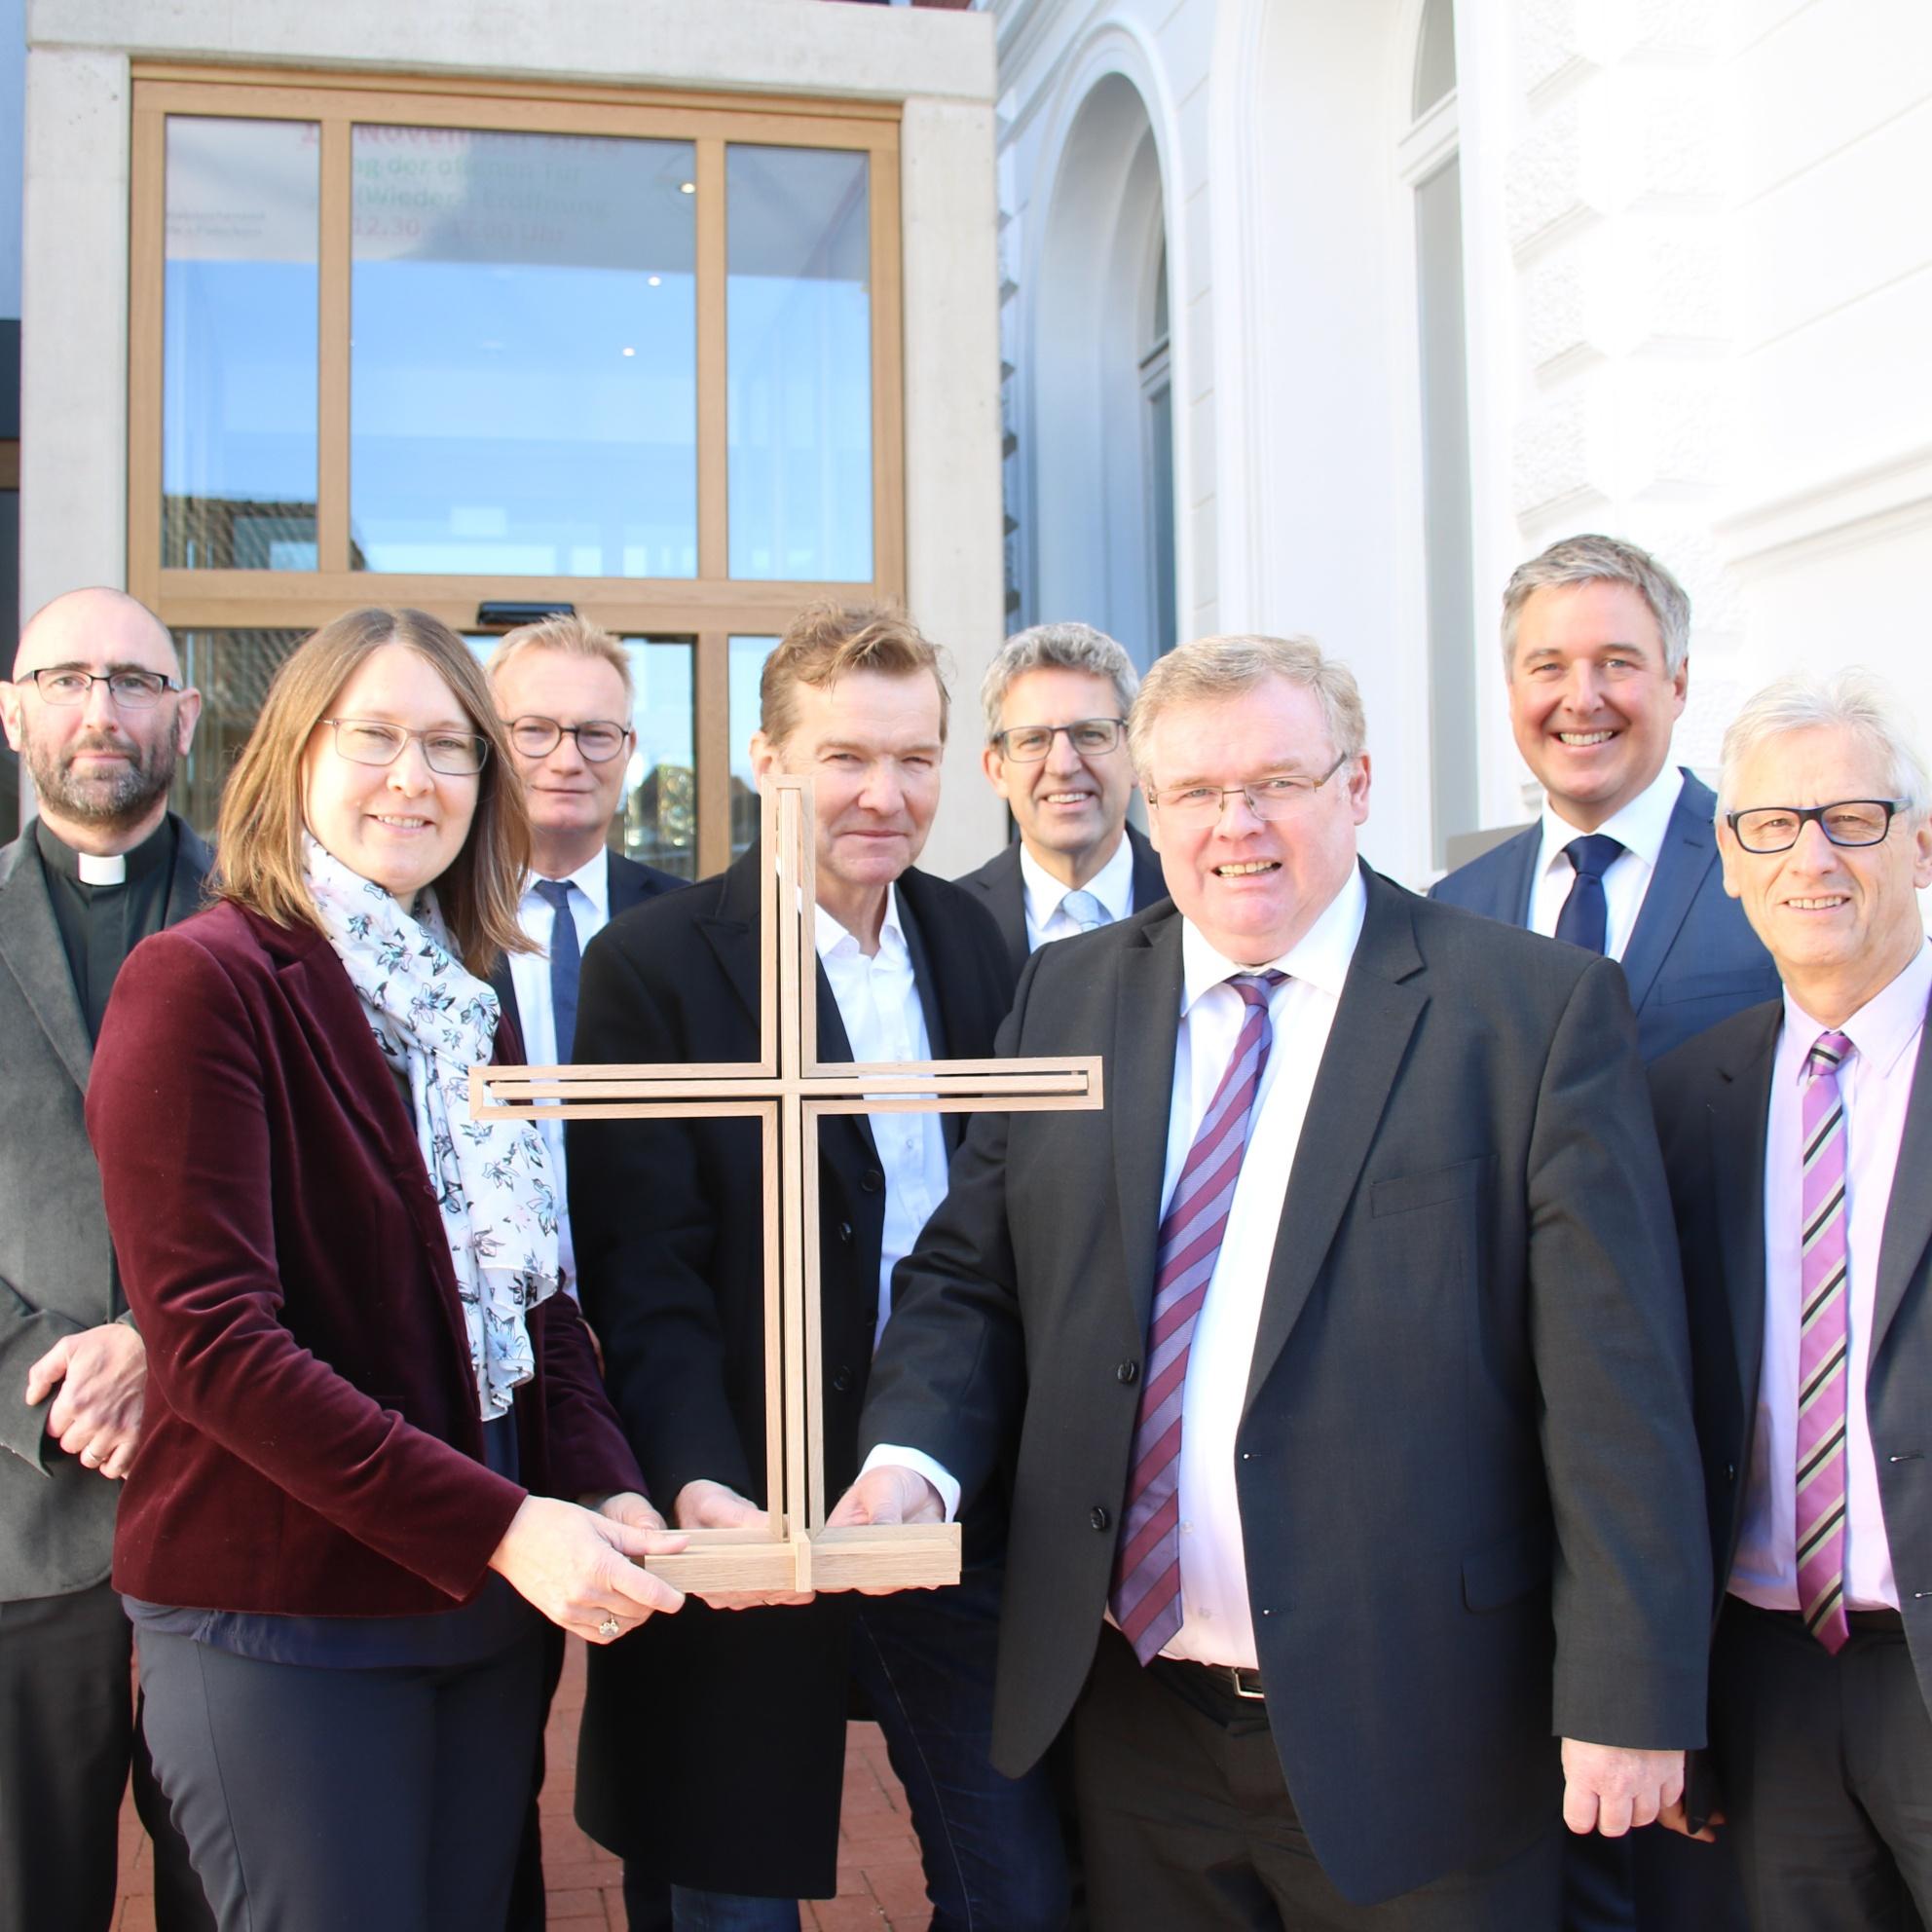 Evangelischer Kirchenkreis Gütersloh weiht Gebäude-Ensemble ein Gemeinsames Kreiskirchenamt Gütersloh-Halle-Paderborn eröffnet